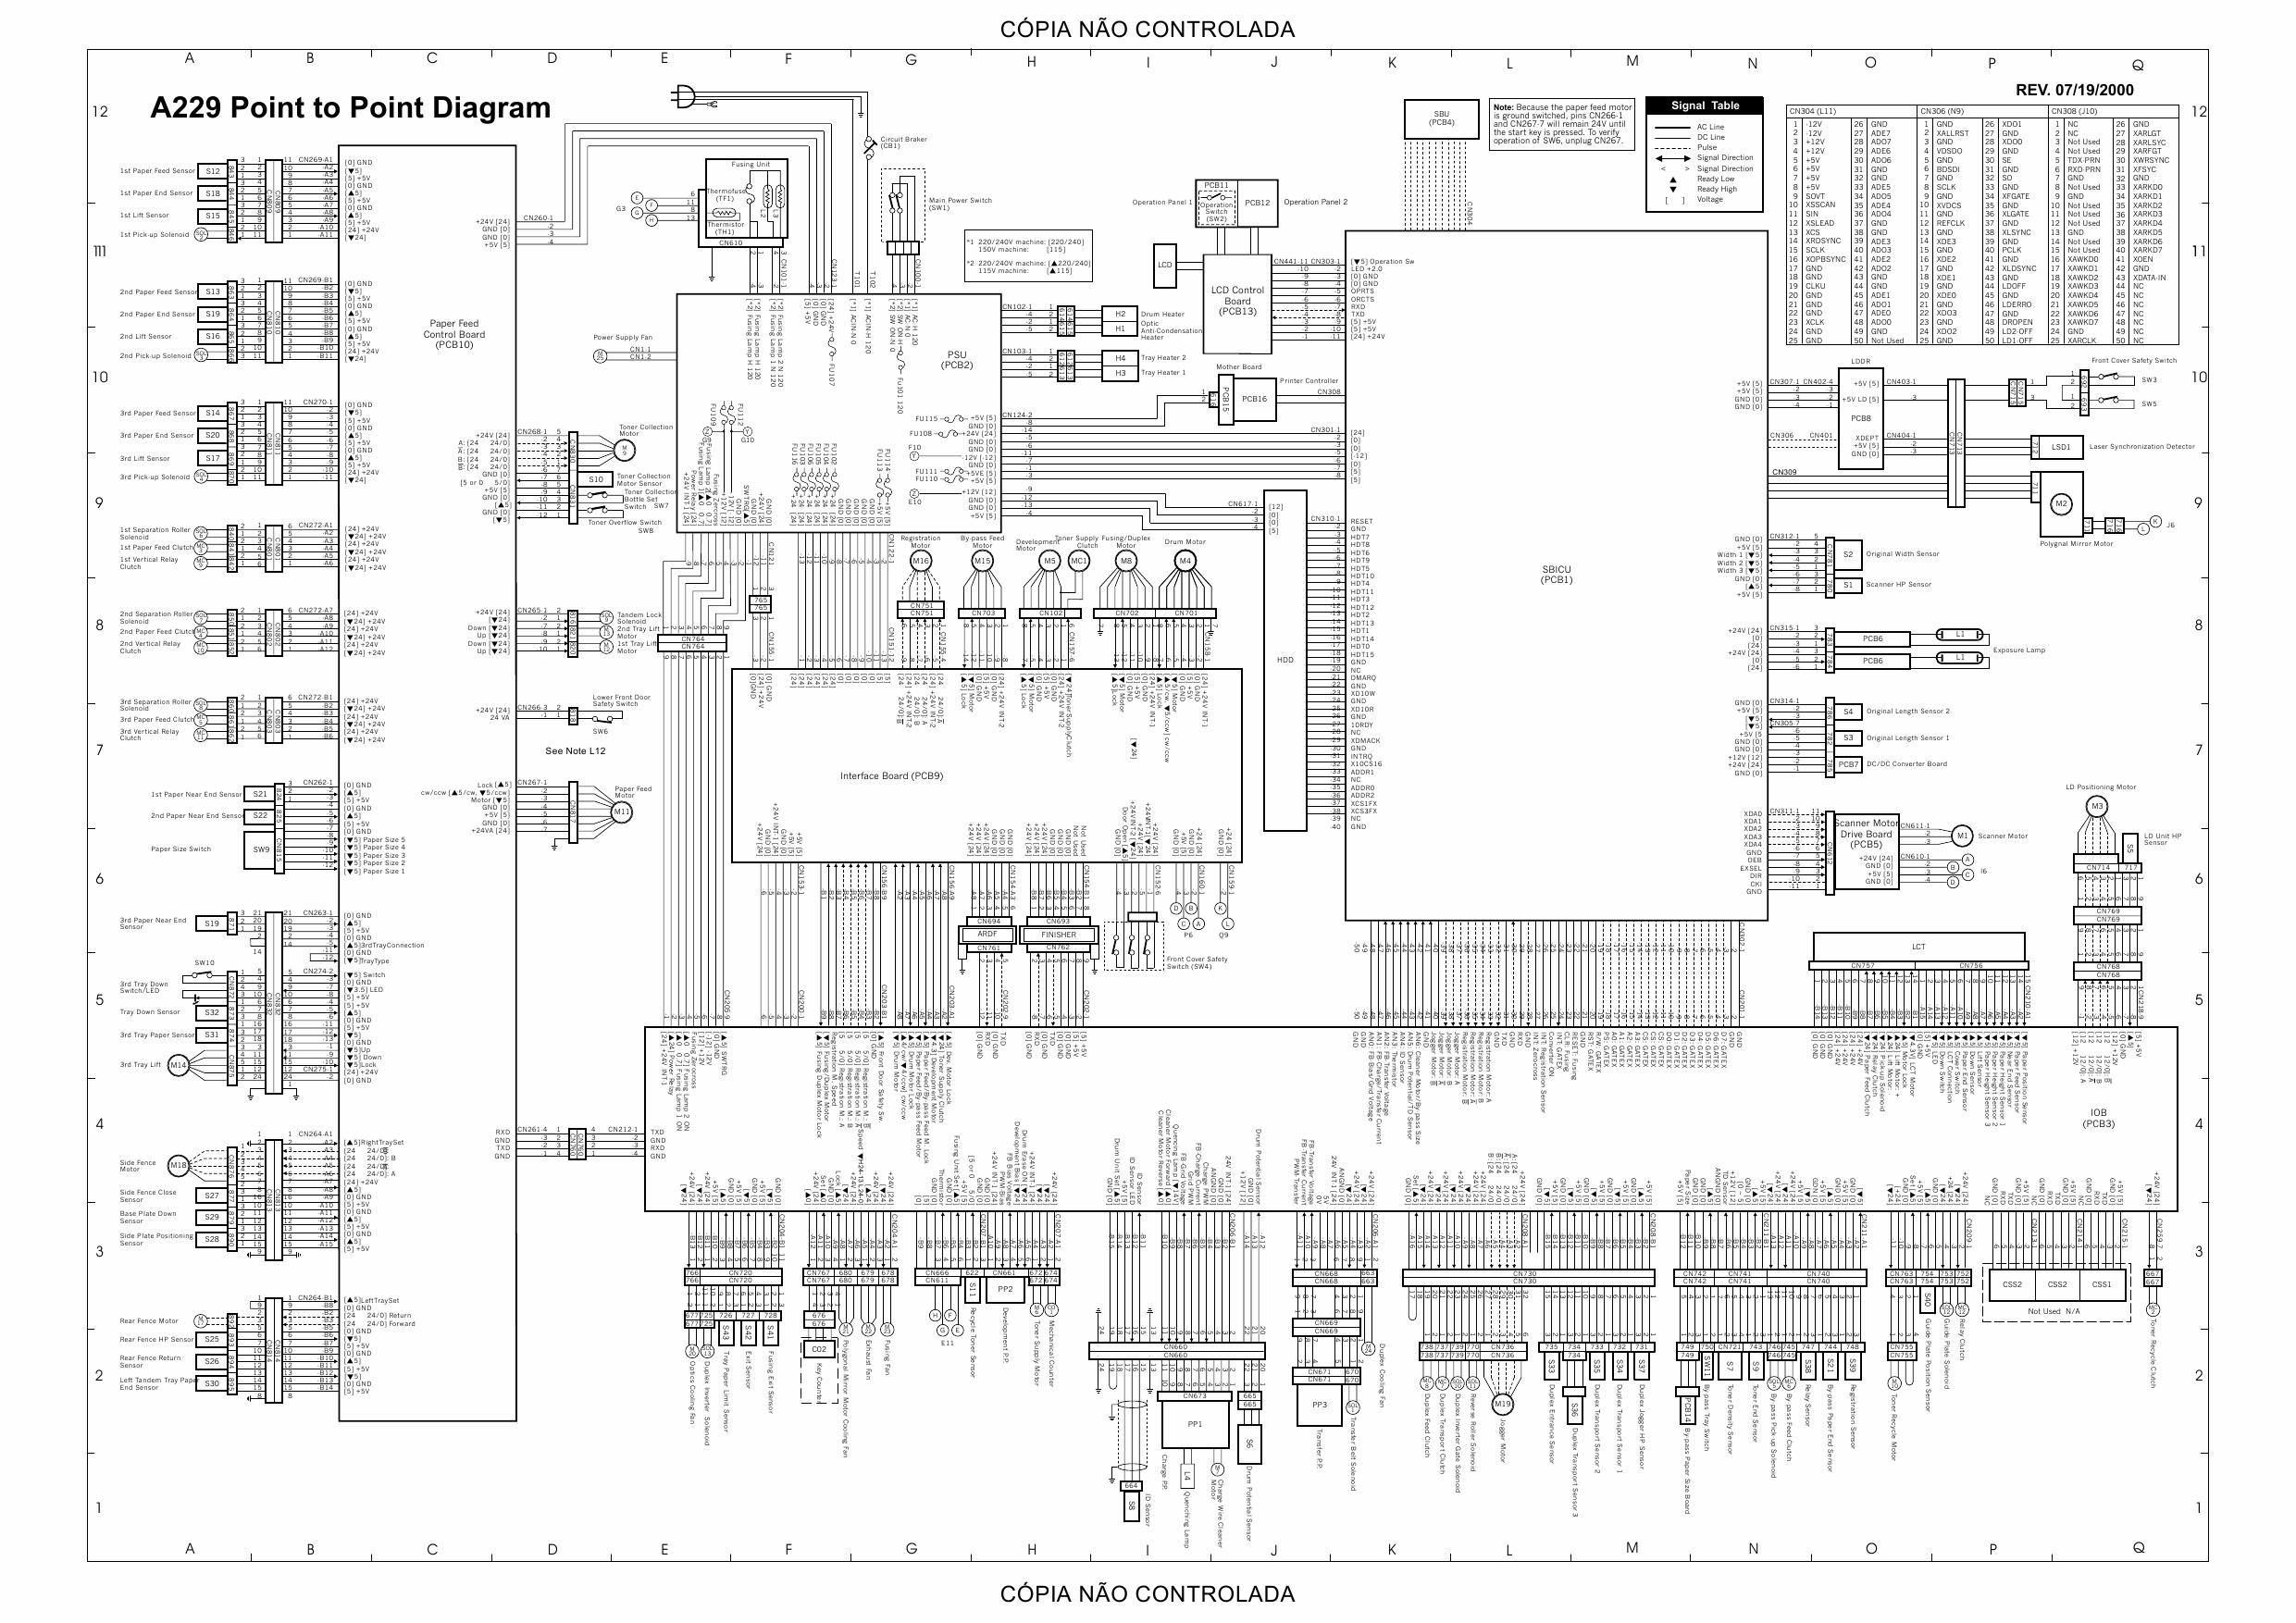 RICOH Aficio 550 650 A229 Circuit Diagram